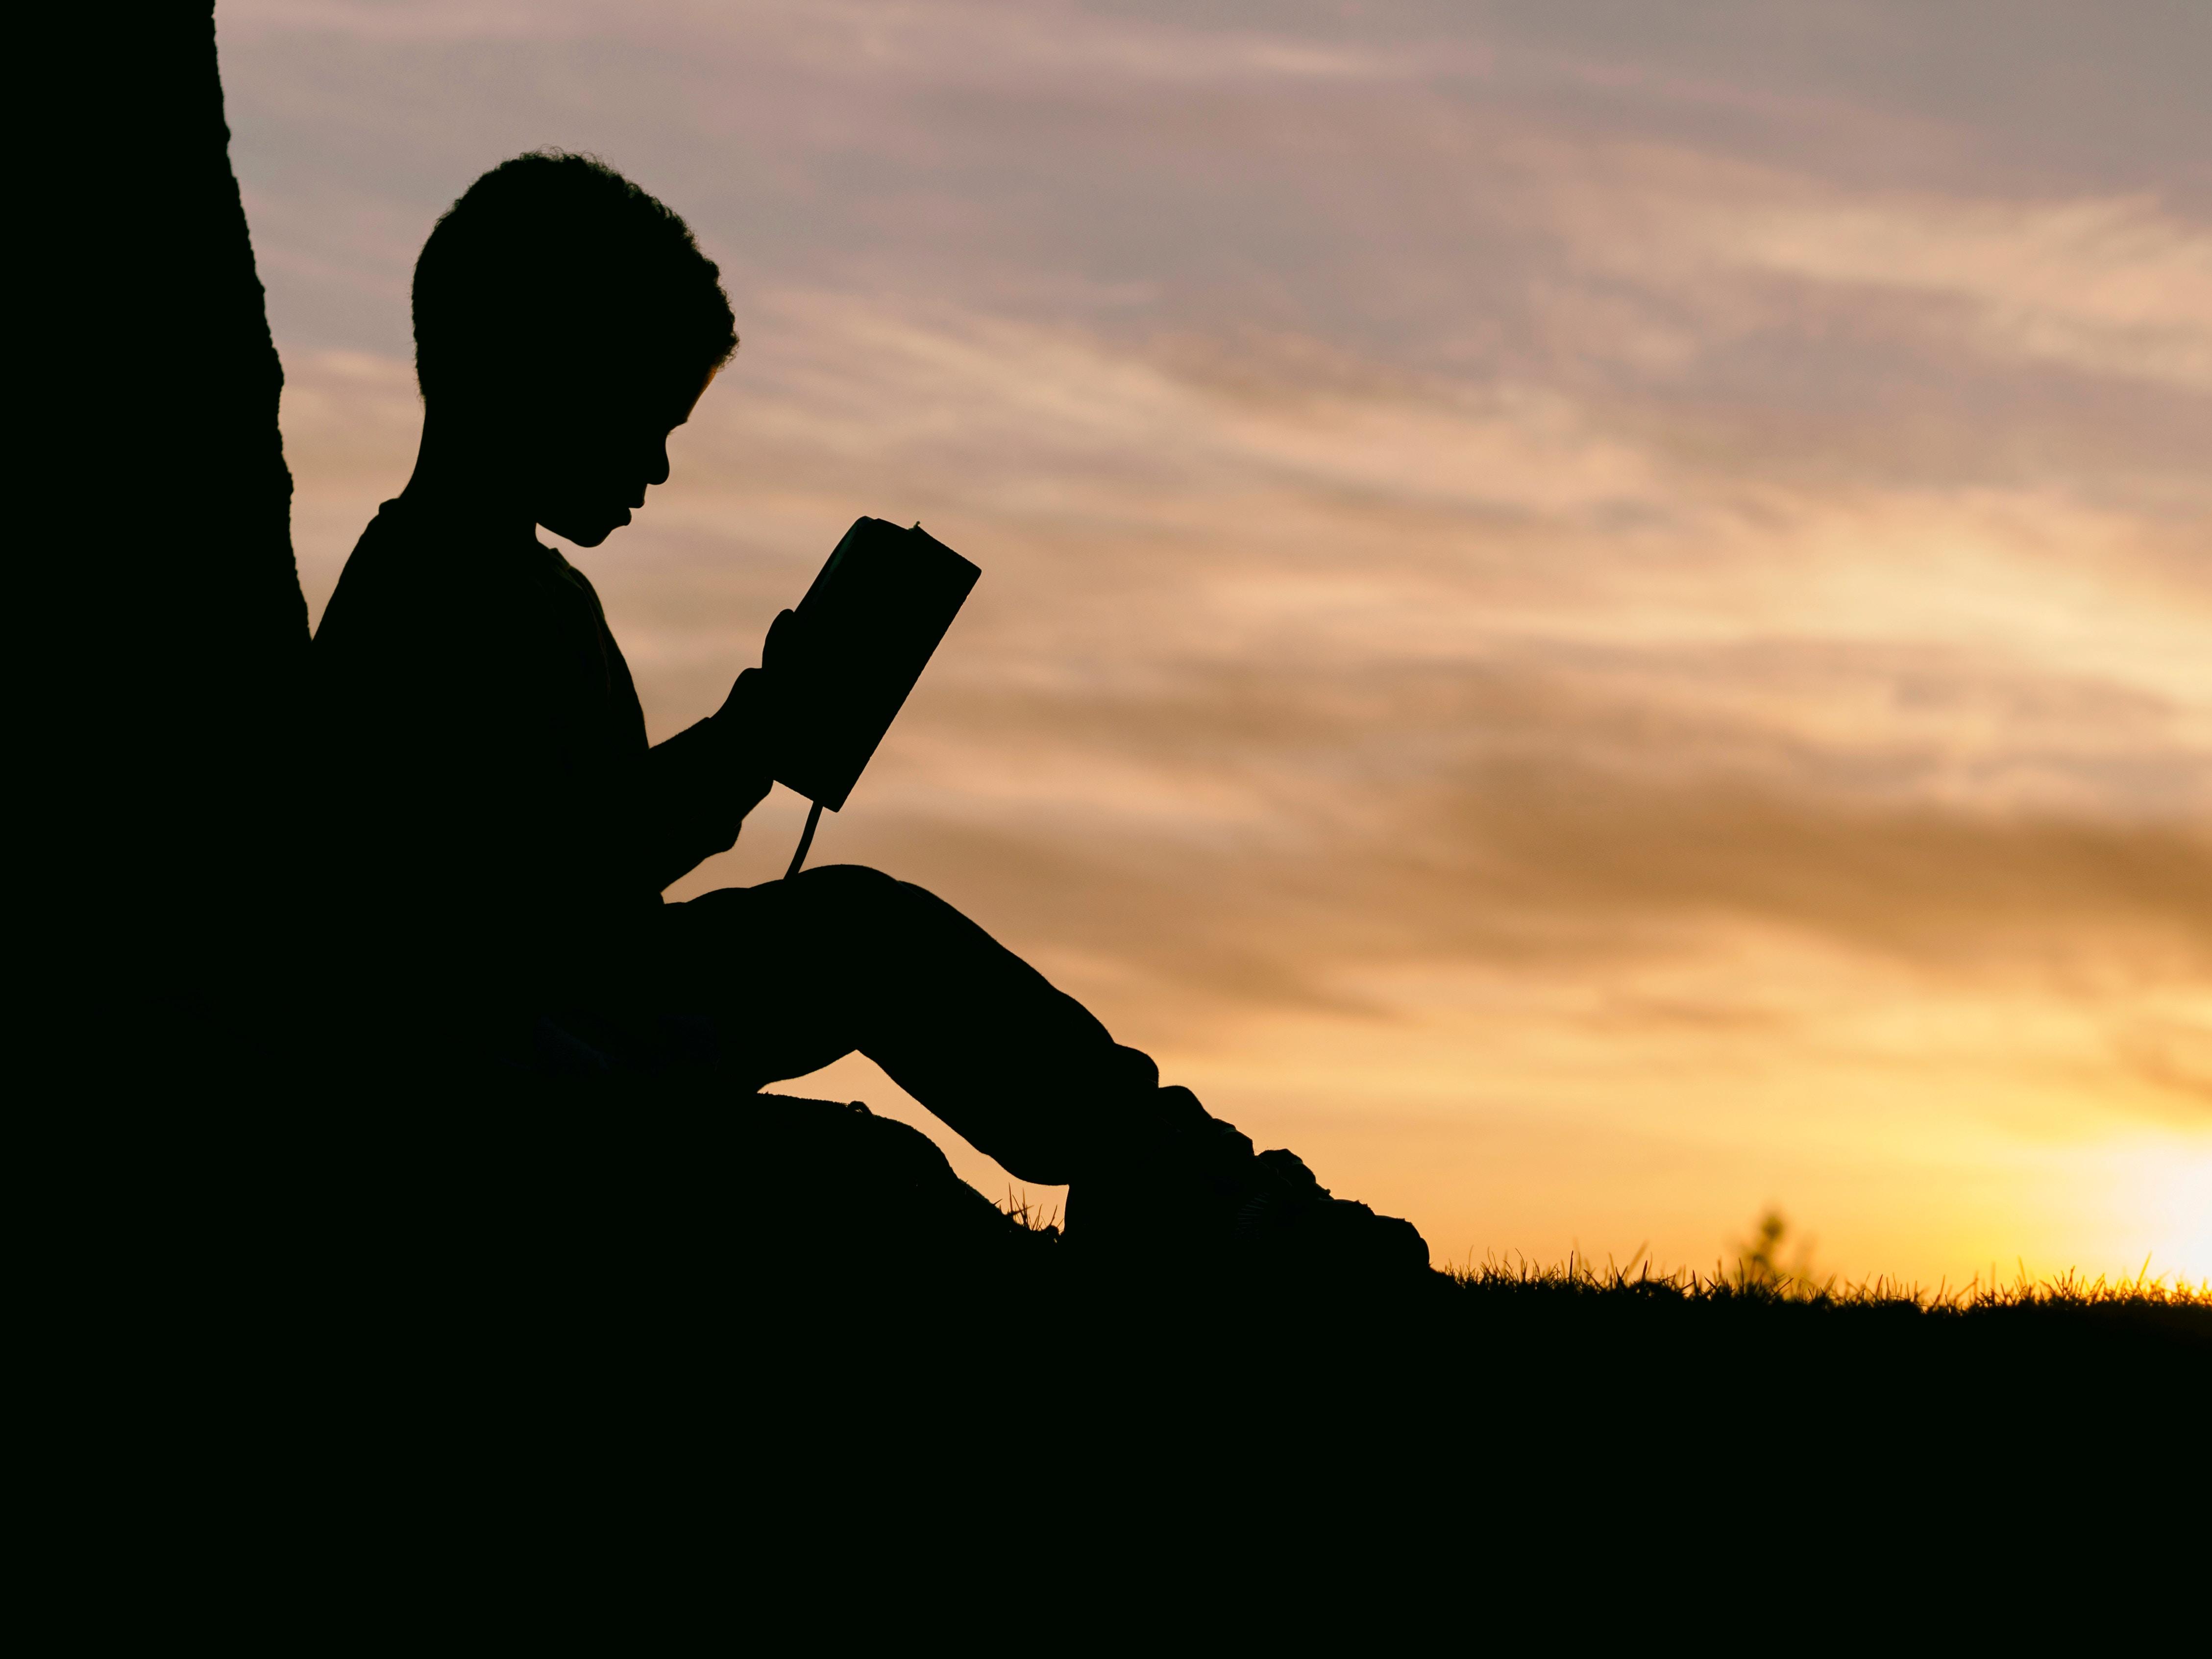 手機的140840屏保和壁紙黑暗。 免費下載 黑暗的, 黑暗, 孩子, 儿童, 轮廓, 剪影, 书, 预订, 日落 圖片